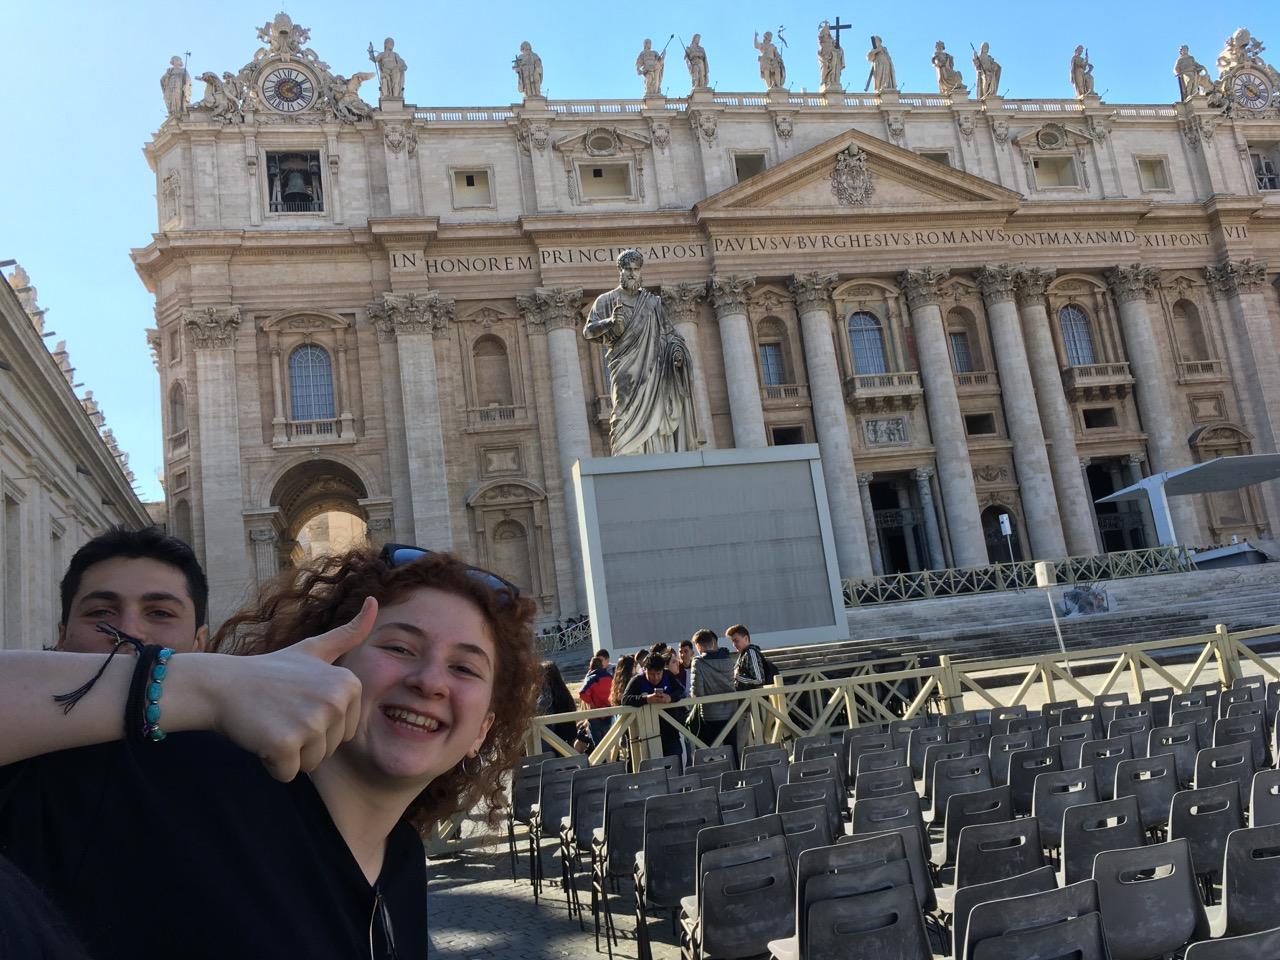 教堂左侧的雕像就是圣彼得,耶稣的十二门徒之首,第一代教皇。小朋友很outgoing